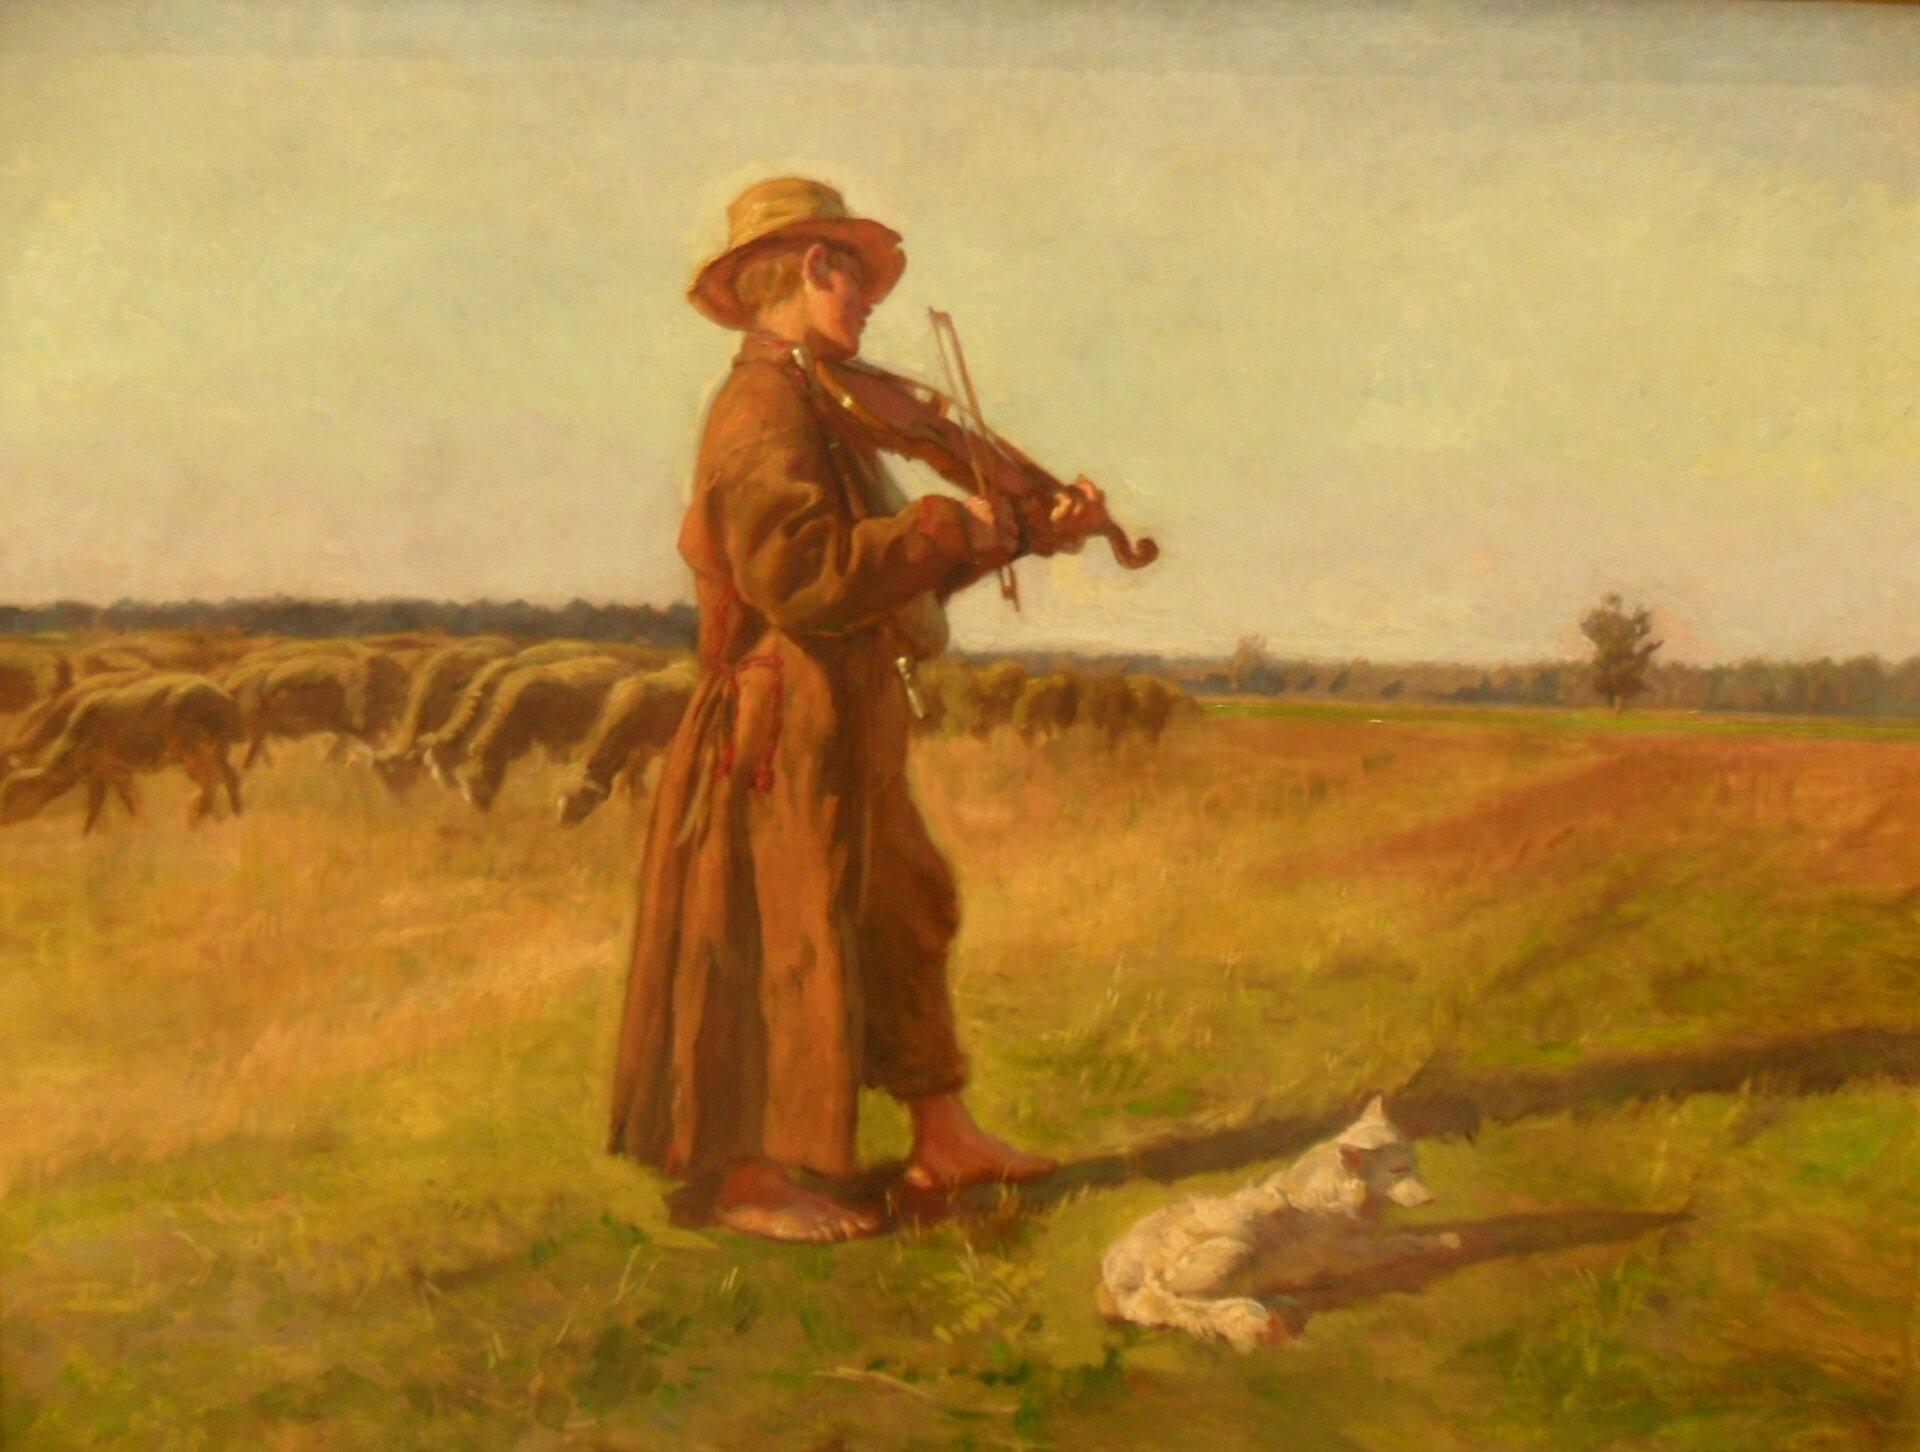 """Ilustracja przedstawia obraz """"Owczarek"""", autorstwa Józefa Chełmońskiego. Pośrodku dzieła widnieje bosonogi chłopiec odziany wsiermiężną kapotę, grający na skrzypcach. Towarzyszy mu pies oraz stado owiec. Letni dzień podkreśla jasna, jakby wypalona słońcem, tonacja barwna."""